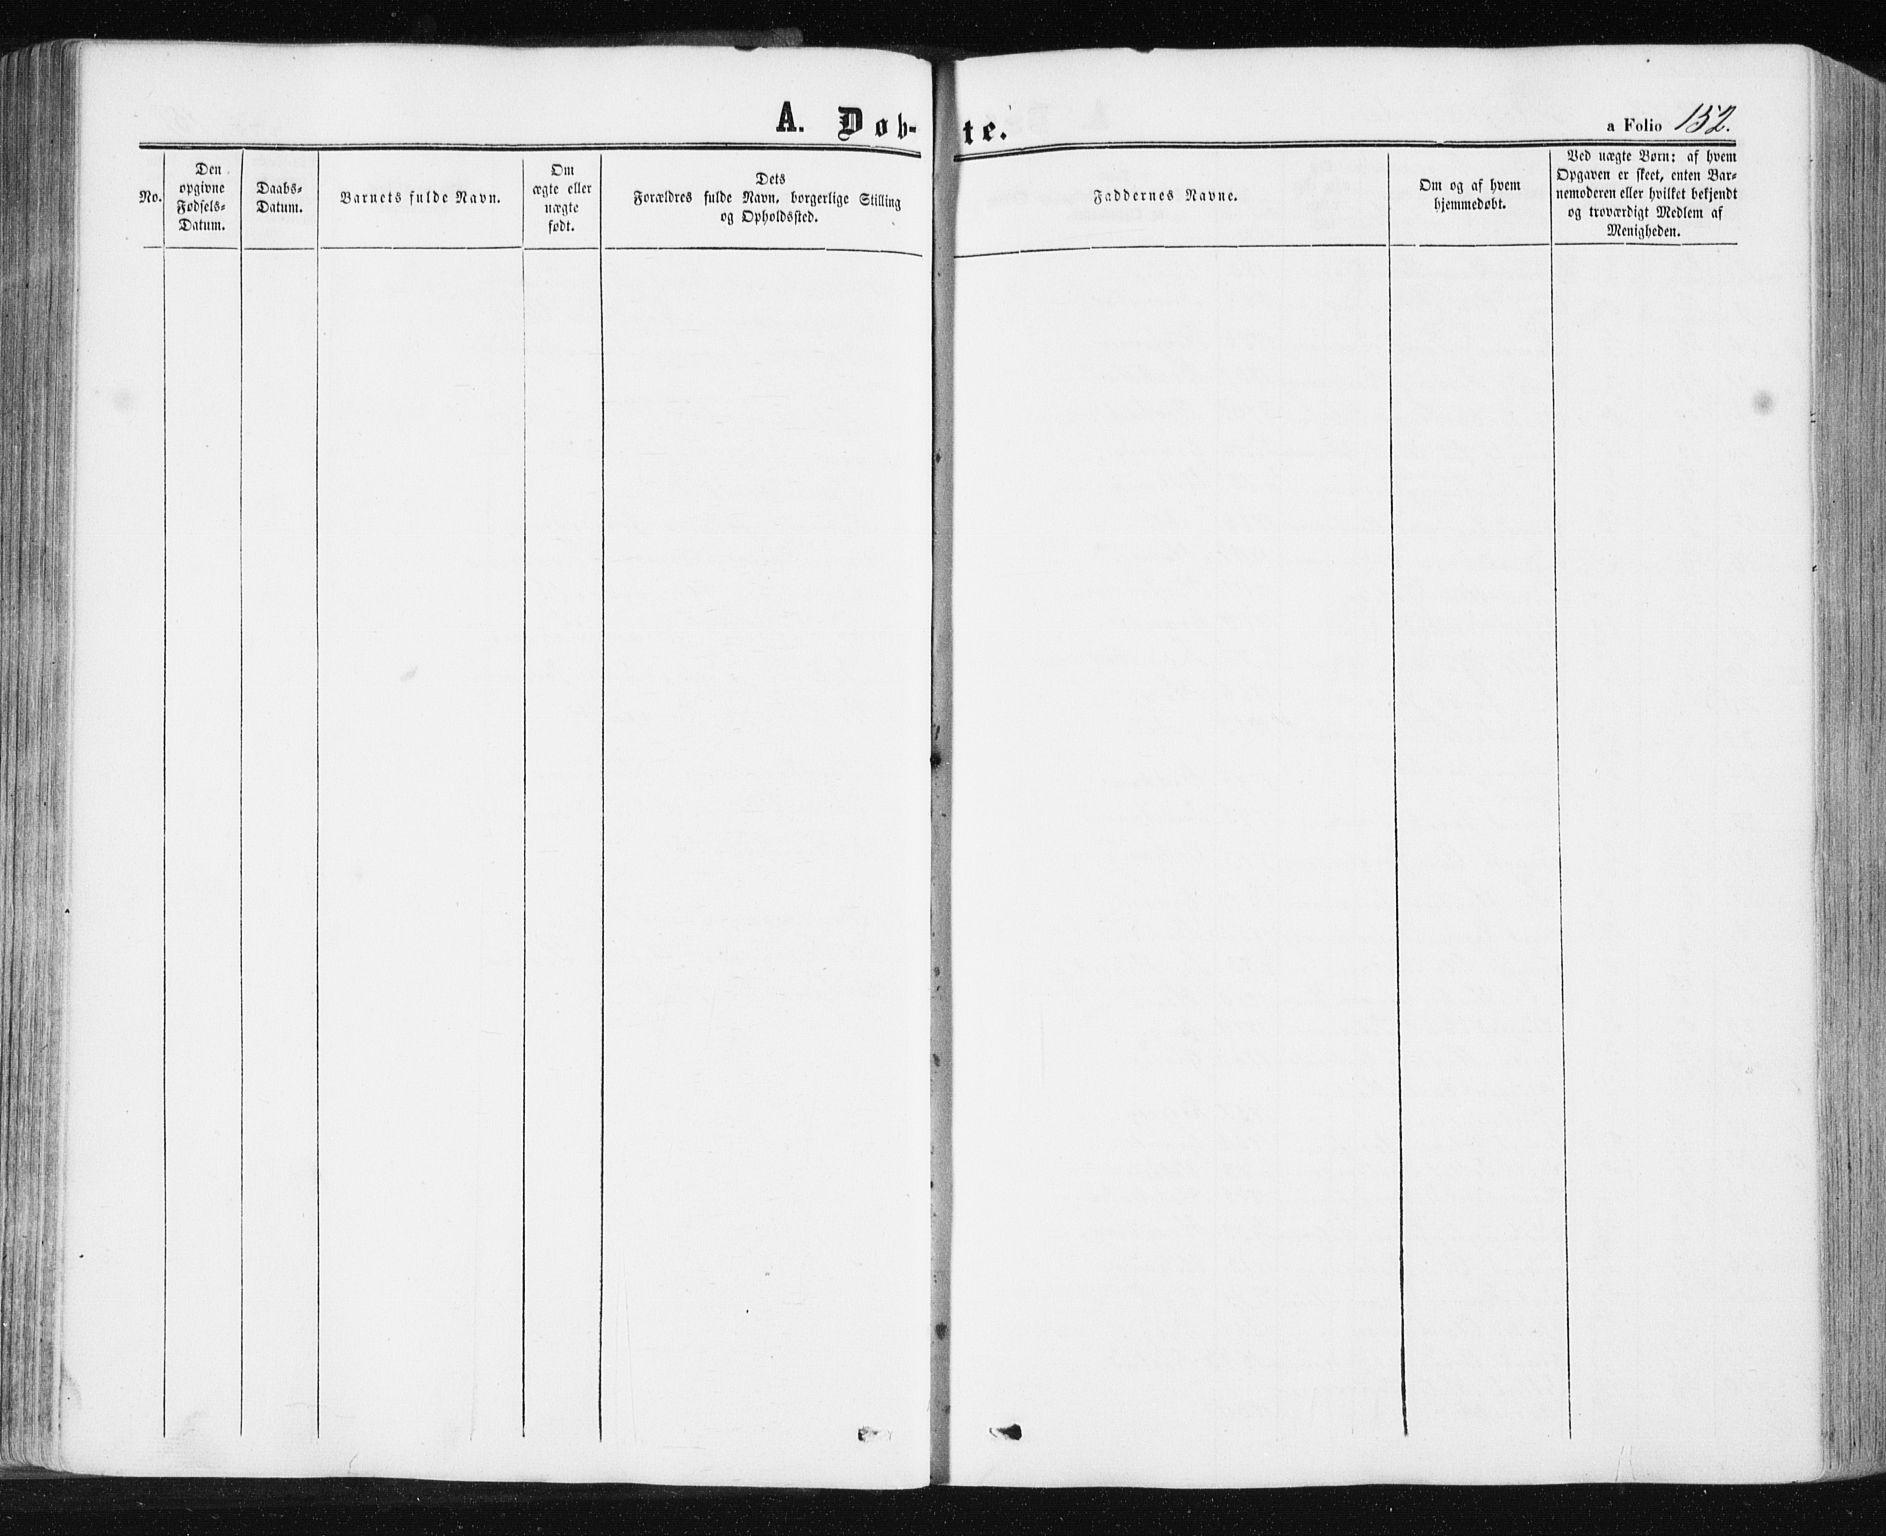 SAT, Ministerialprotokoller, klokkerbøker og fødselsregistre - Sør-Trøndelag, 659/L0737: Ministerialbok nr. 659A07, 1857-1875, s. 152